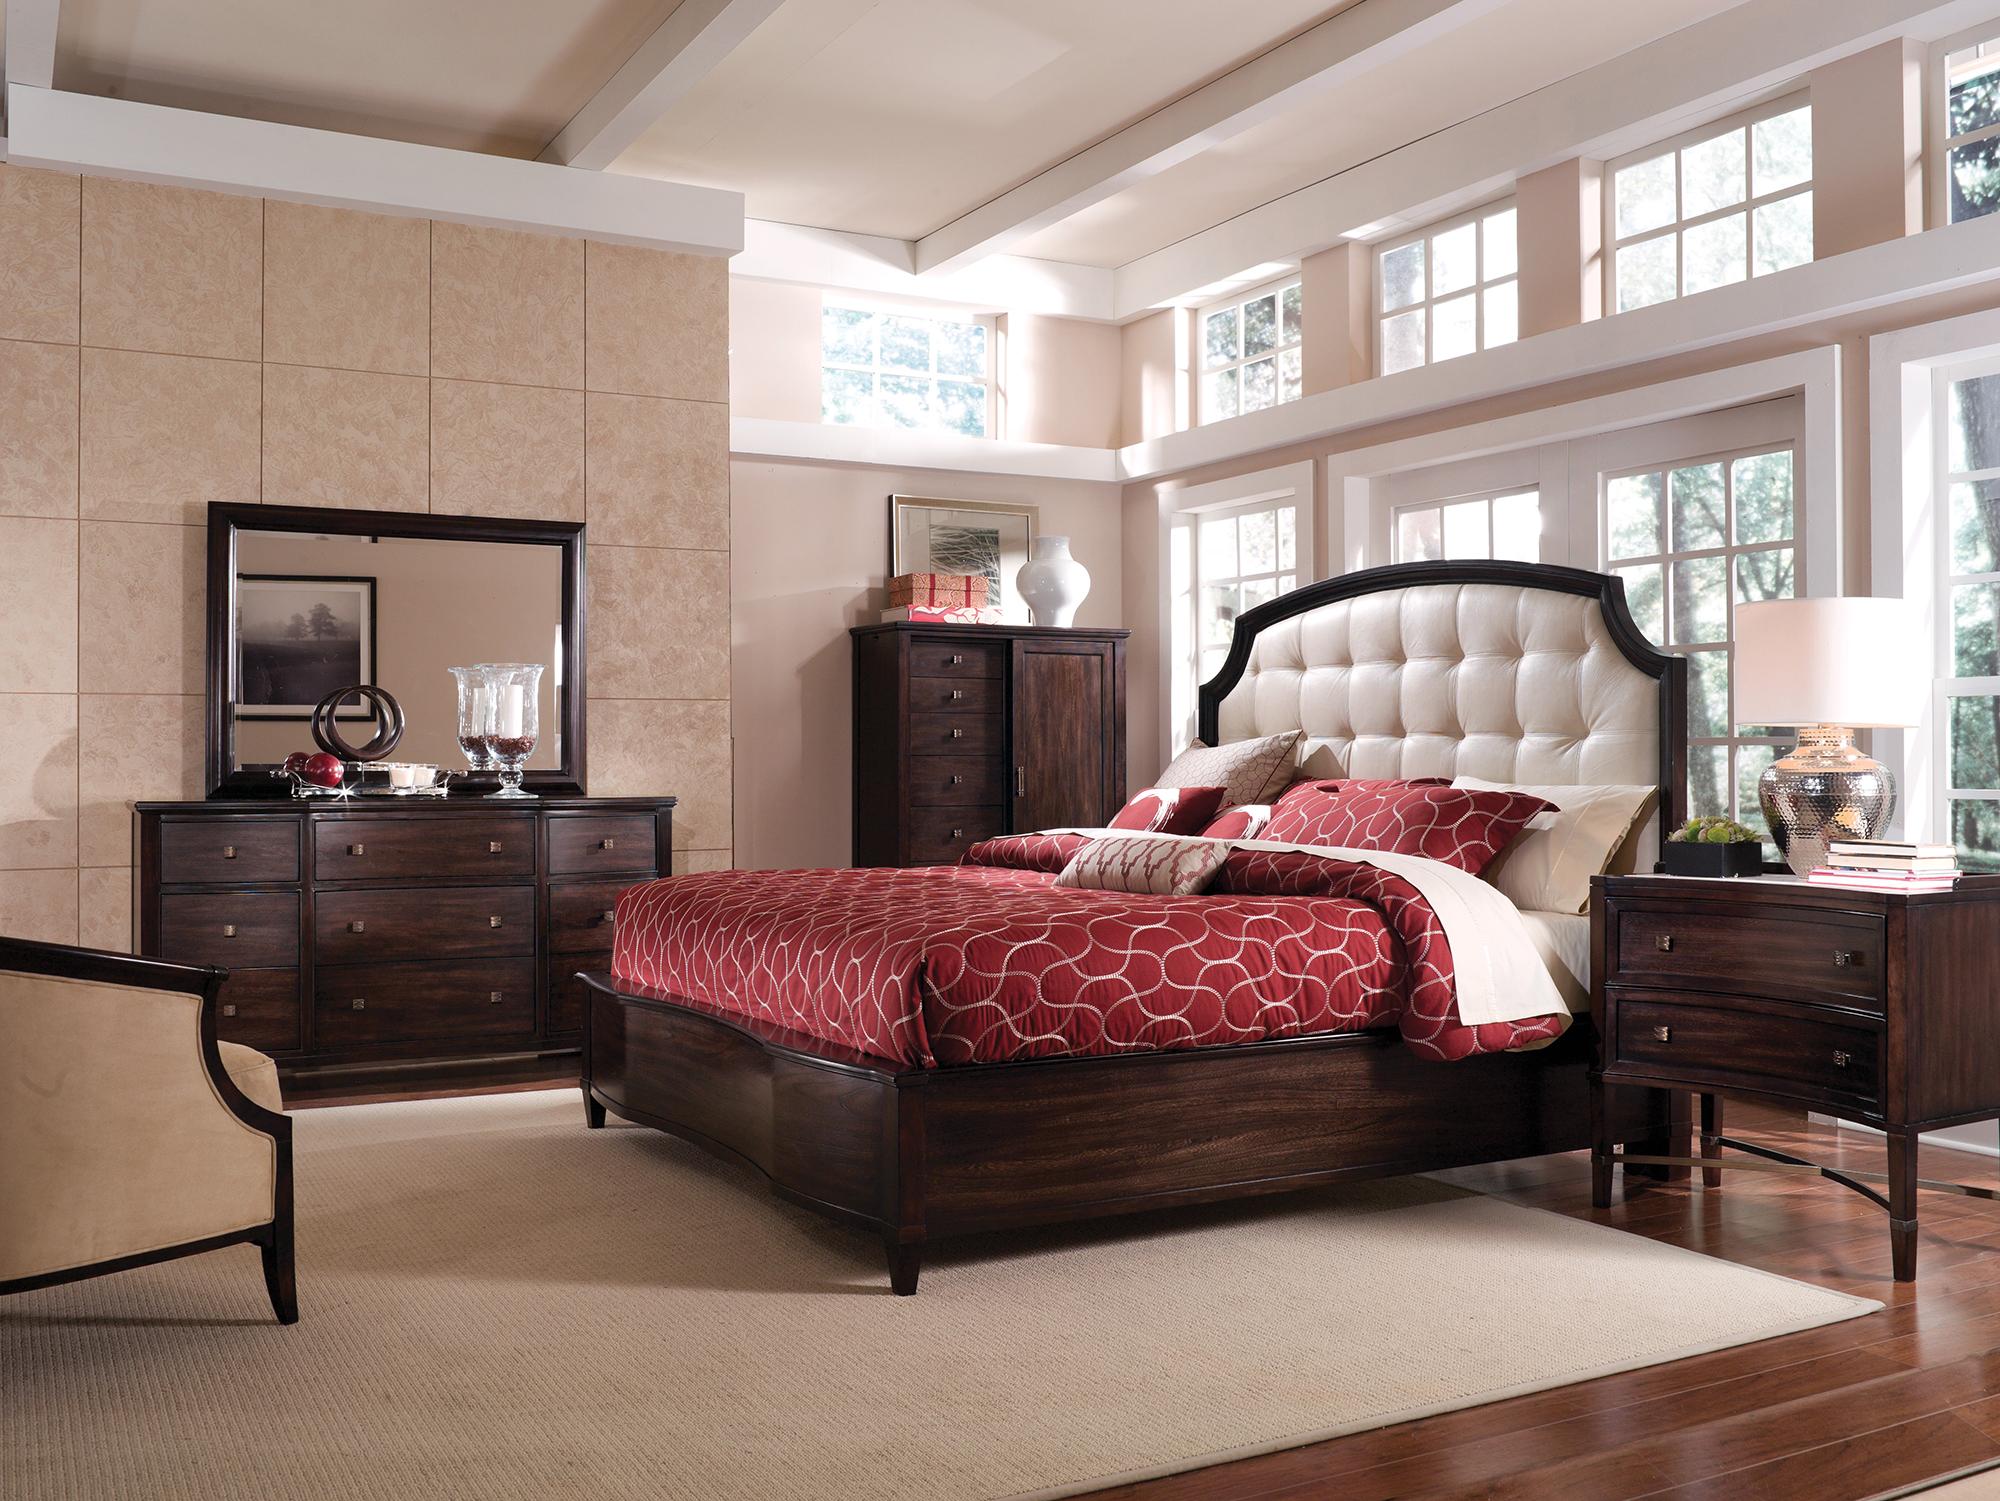 Красное покрывало в спальне